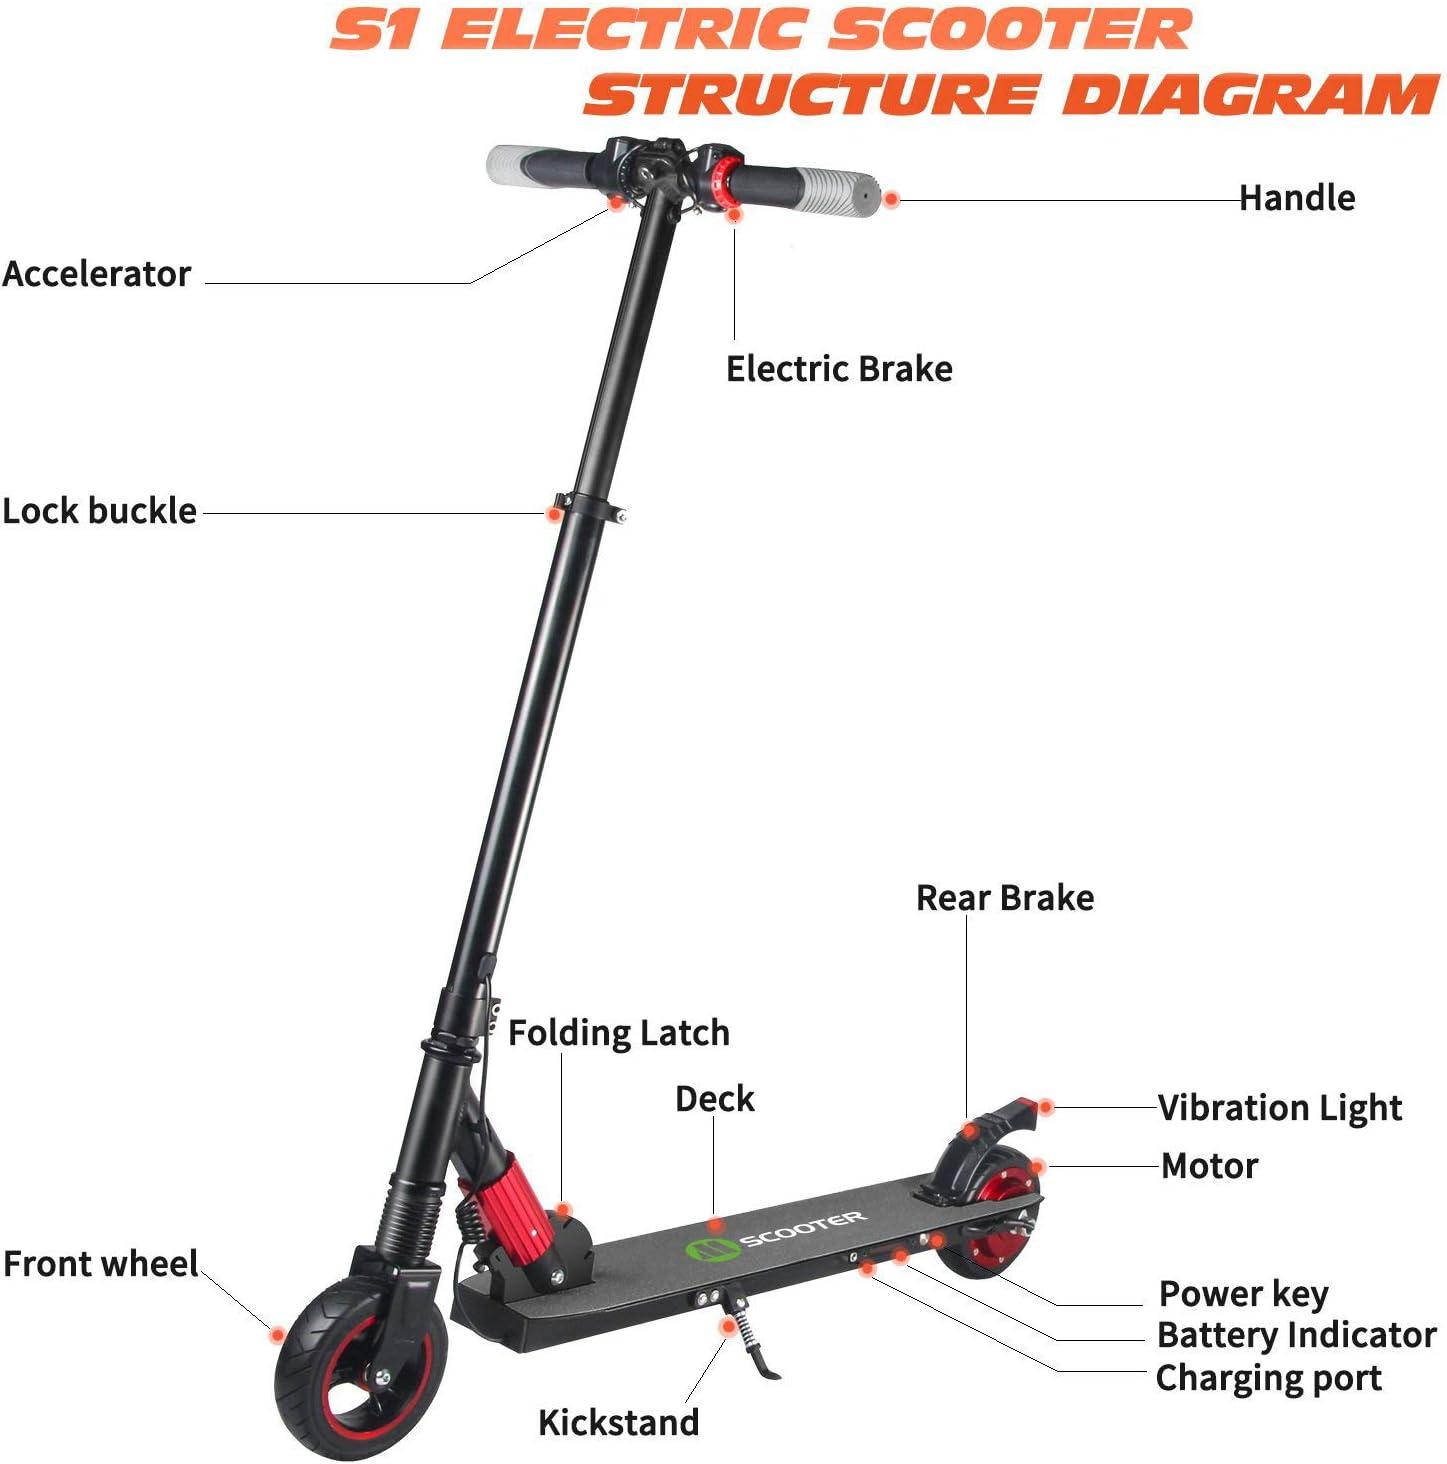 Patinete electrico Megawheels s1 y sus características, ideal para patinete niño 8 años en adelante